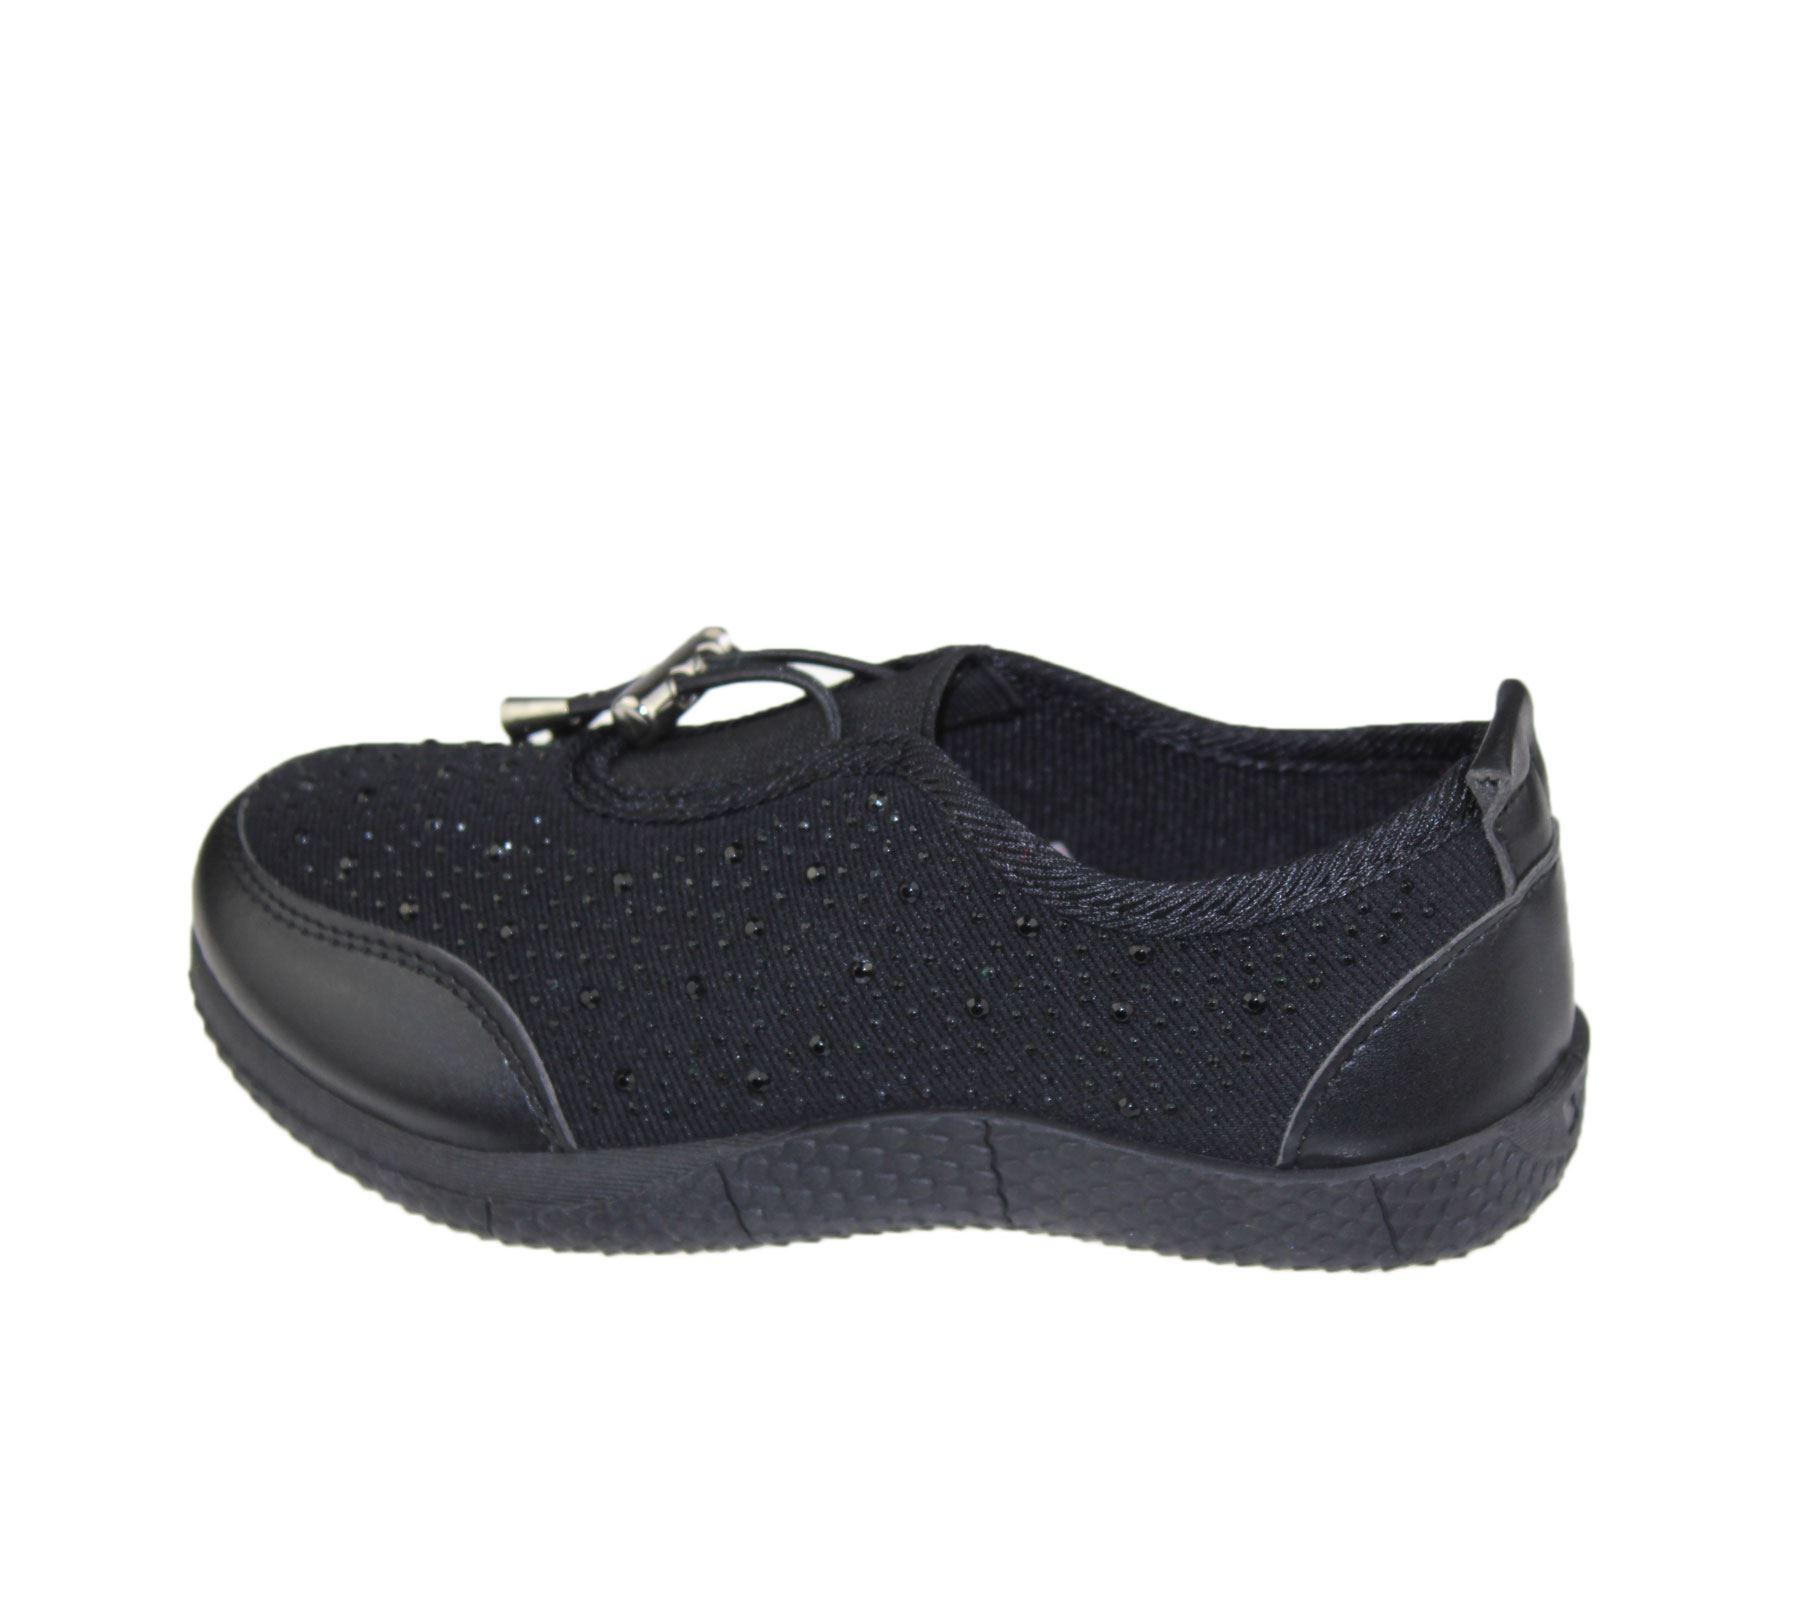 di della di delle scuola comodit tela scarpe di casuale Formato modo 5pfqAKwzW